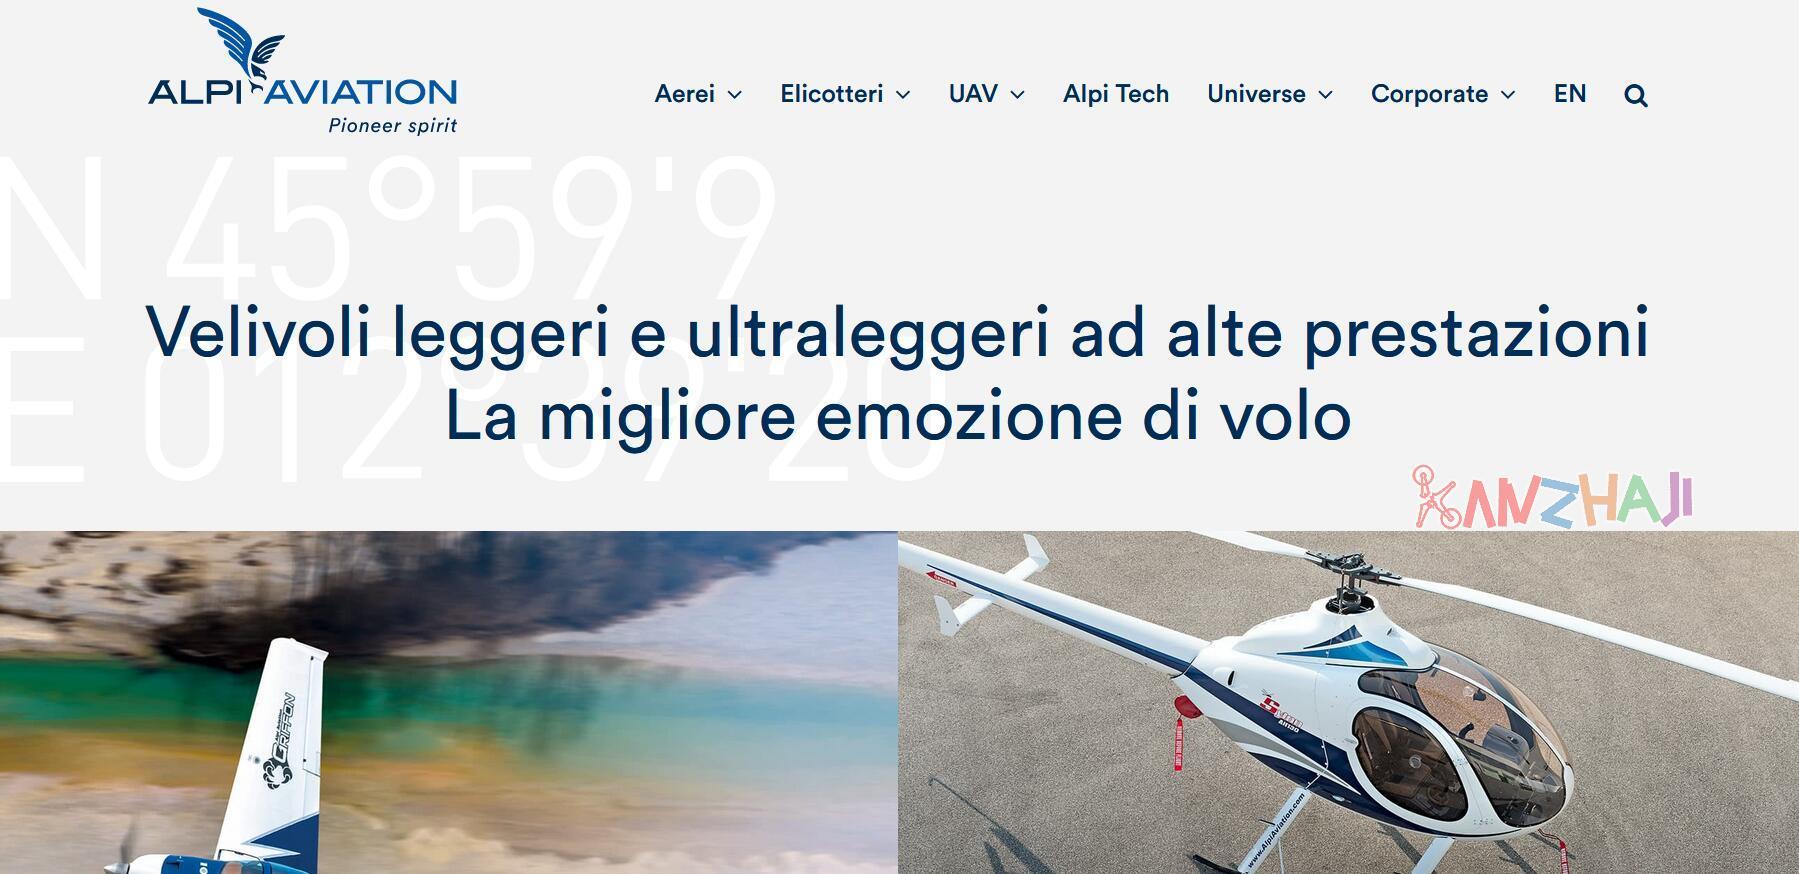 意大利无人机制造商被中国国企高价收购,涉非法技术转移遭调查